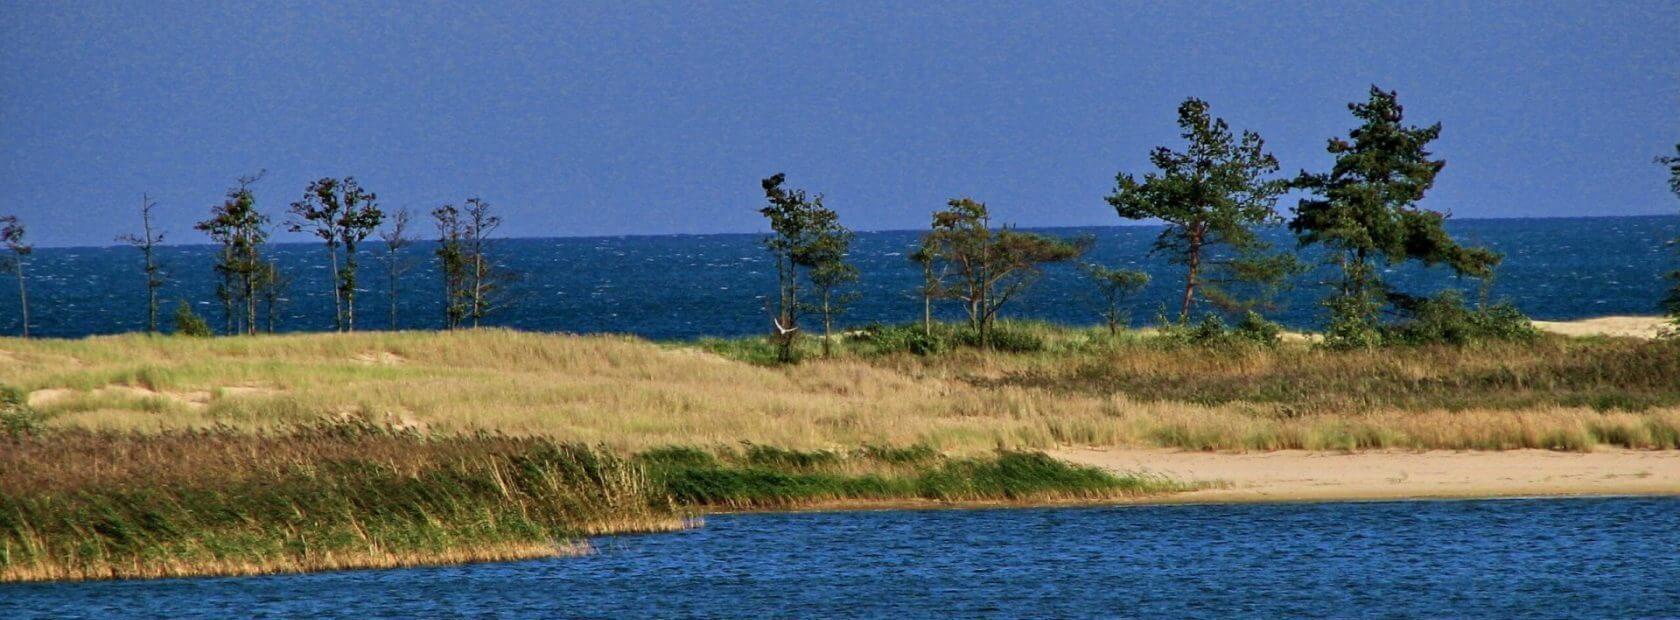 Sobieszewska Island